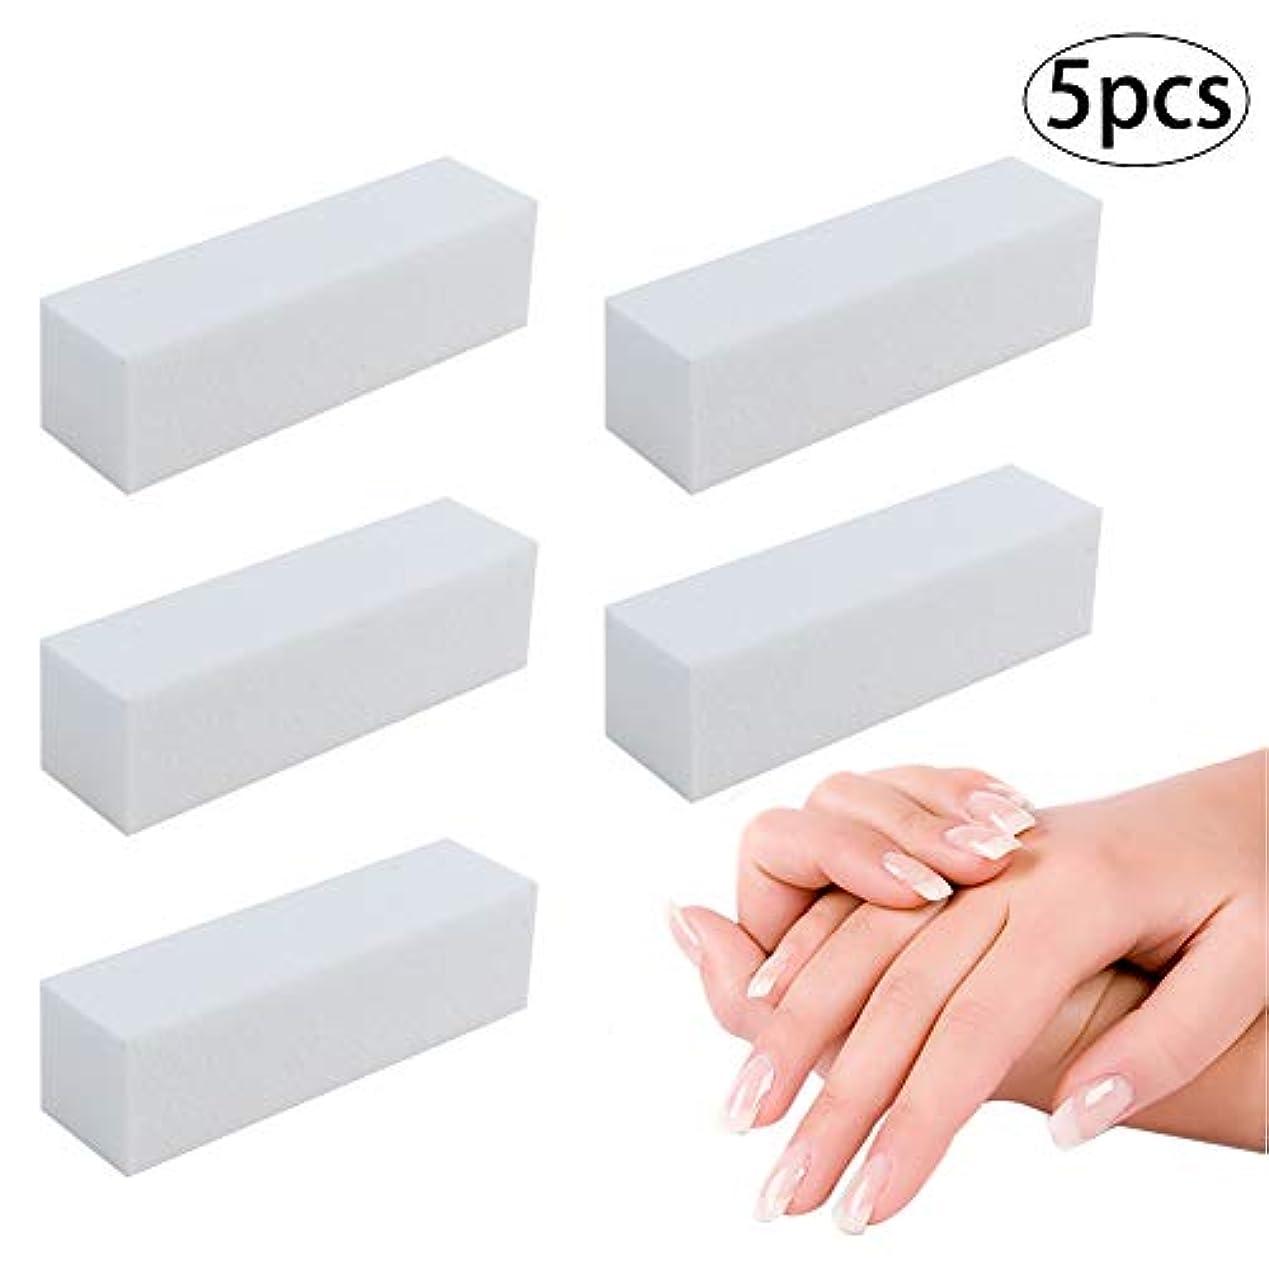 露出度の高い限り放射する5 PCSネイルバッファブロック4ウェイファイルポリッシュネイルは、研磨プロのネイルファイルネイルツールネイルチップ(白)